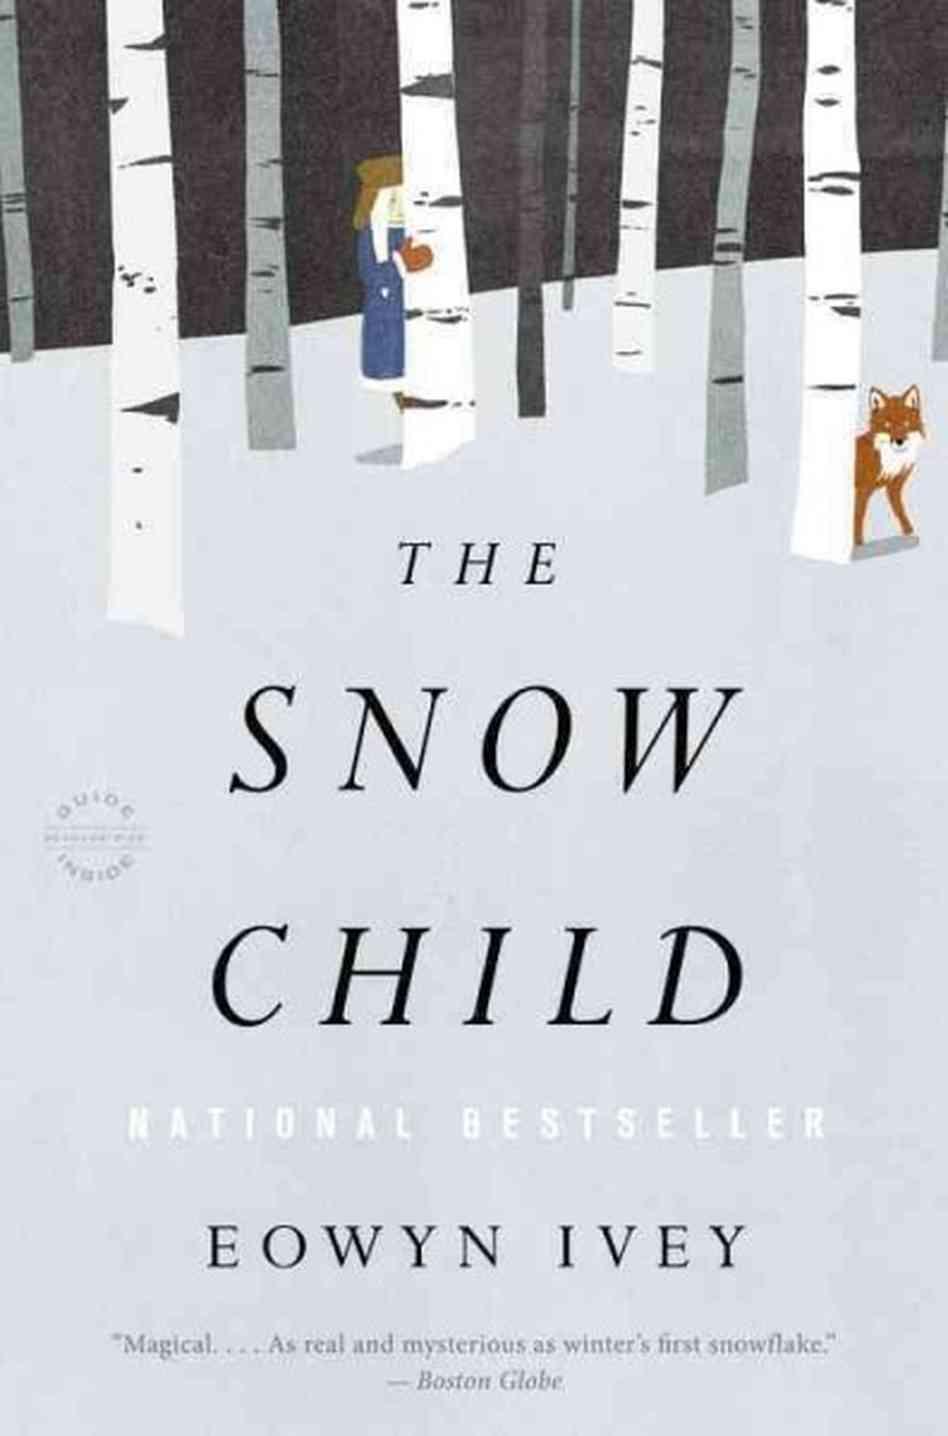 """8. The Snow Child, Eowyn Ivey - Het leven in 1920 Alaska is koud en moeilijk. Hoewel Jack en Mabel samen gelukkig zijn, hebben ze nog altijd een onvervulde kinderwens. Tot ze een morgen wakker worden en een kindje gemaakt uit sneeuw vinden. Maar hoe zorg je voor een kind dat niet van jou is en uit sneeuw is gemaakt? Hoe leef je met iets wat alleen in boeken kan gebeuren?Favoriete quote: """"I guess maybe I don't want to be warm and safe. I want to live."""""""